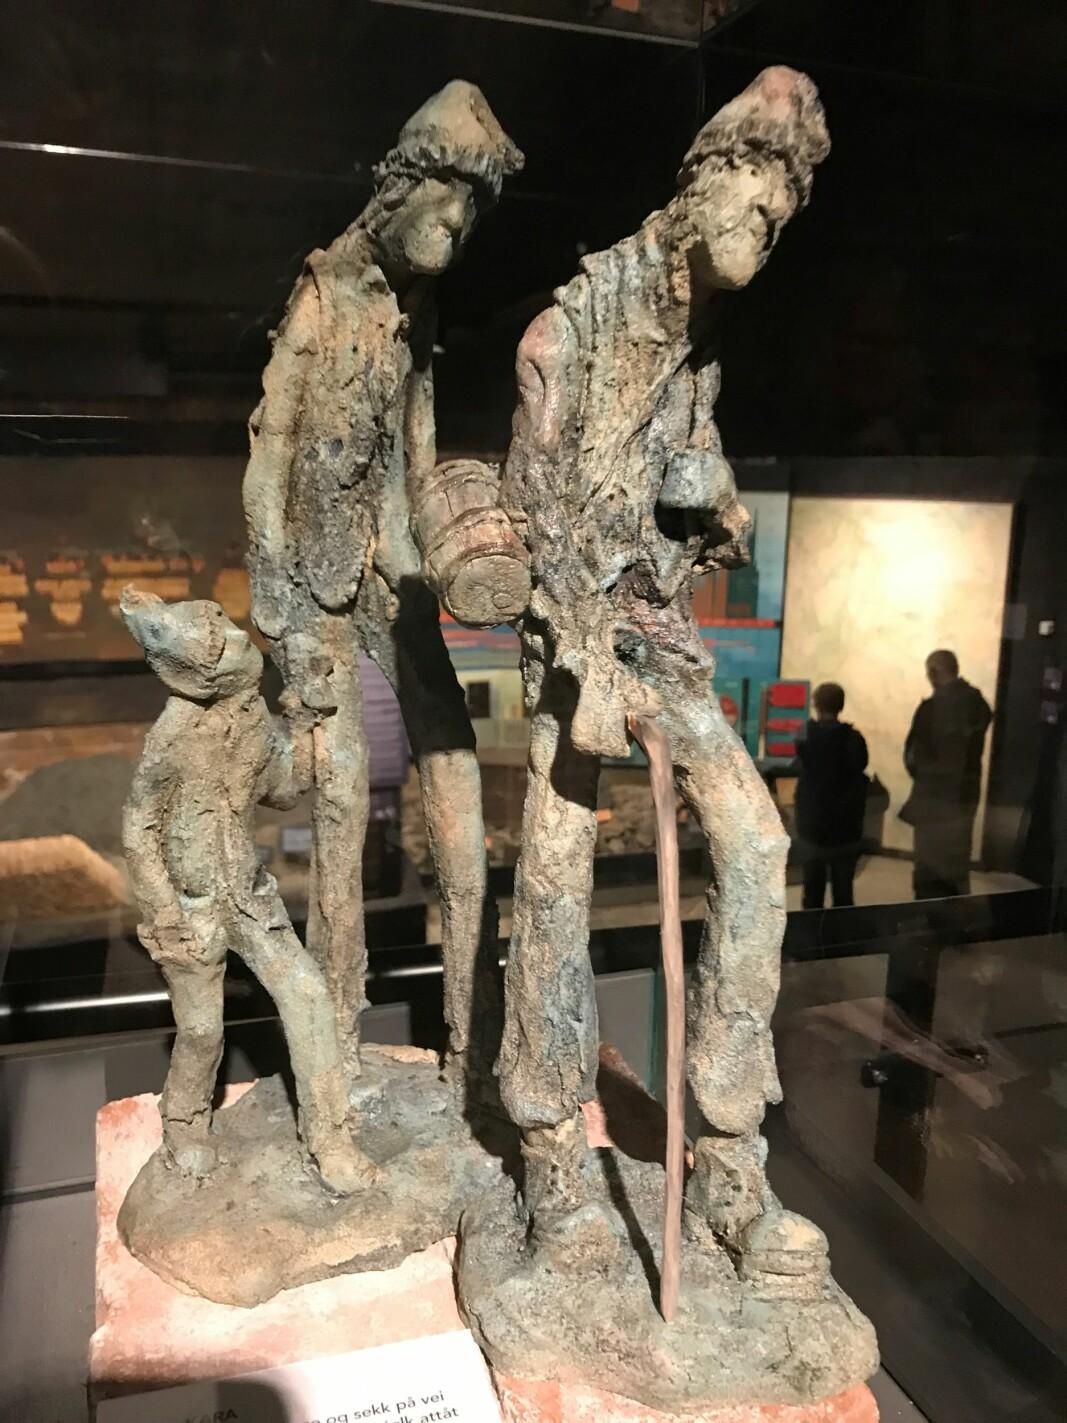 Barnearbeid var vanlig. Fra 7 år vasket barna stein. Kunstneren Per Sverre Dahl har laget figurene.